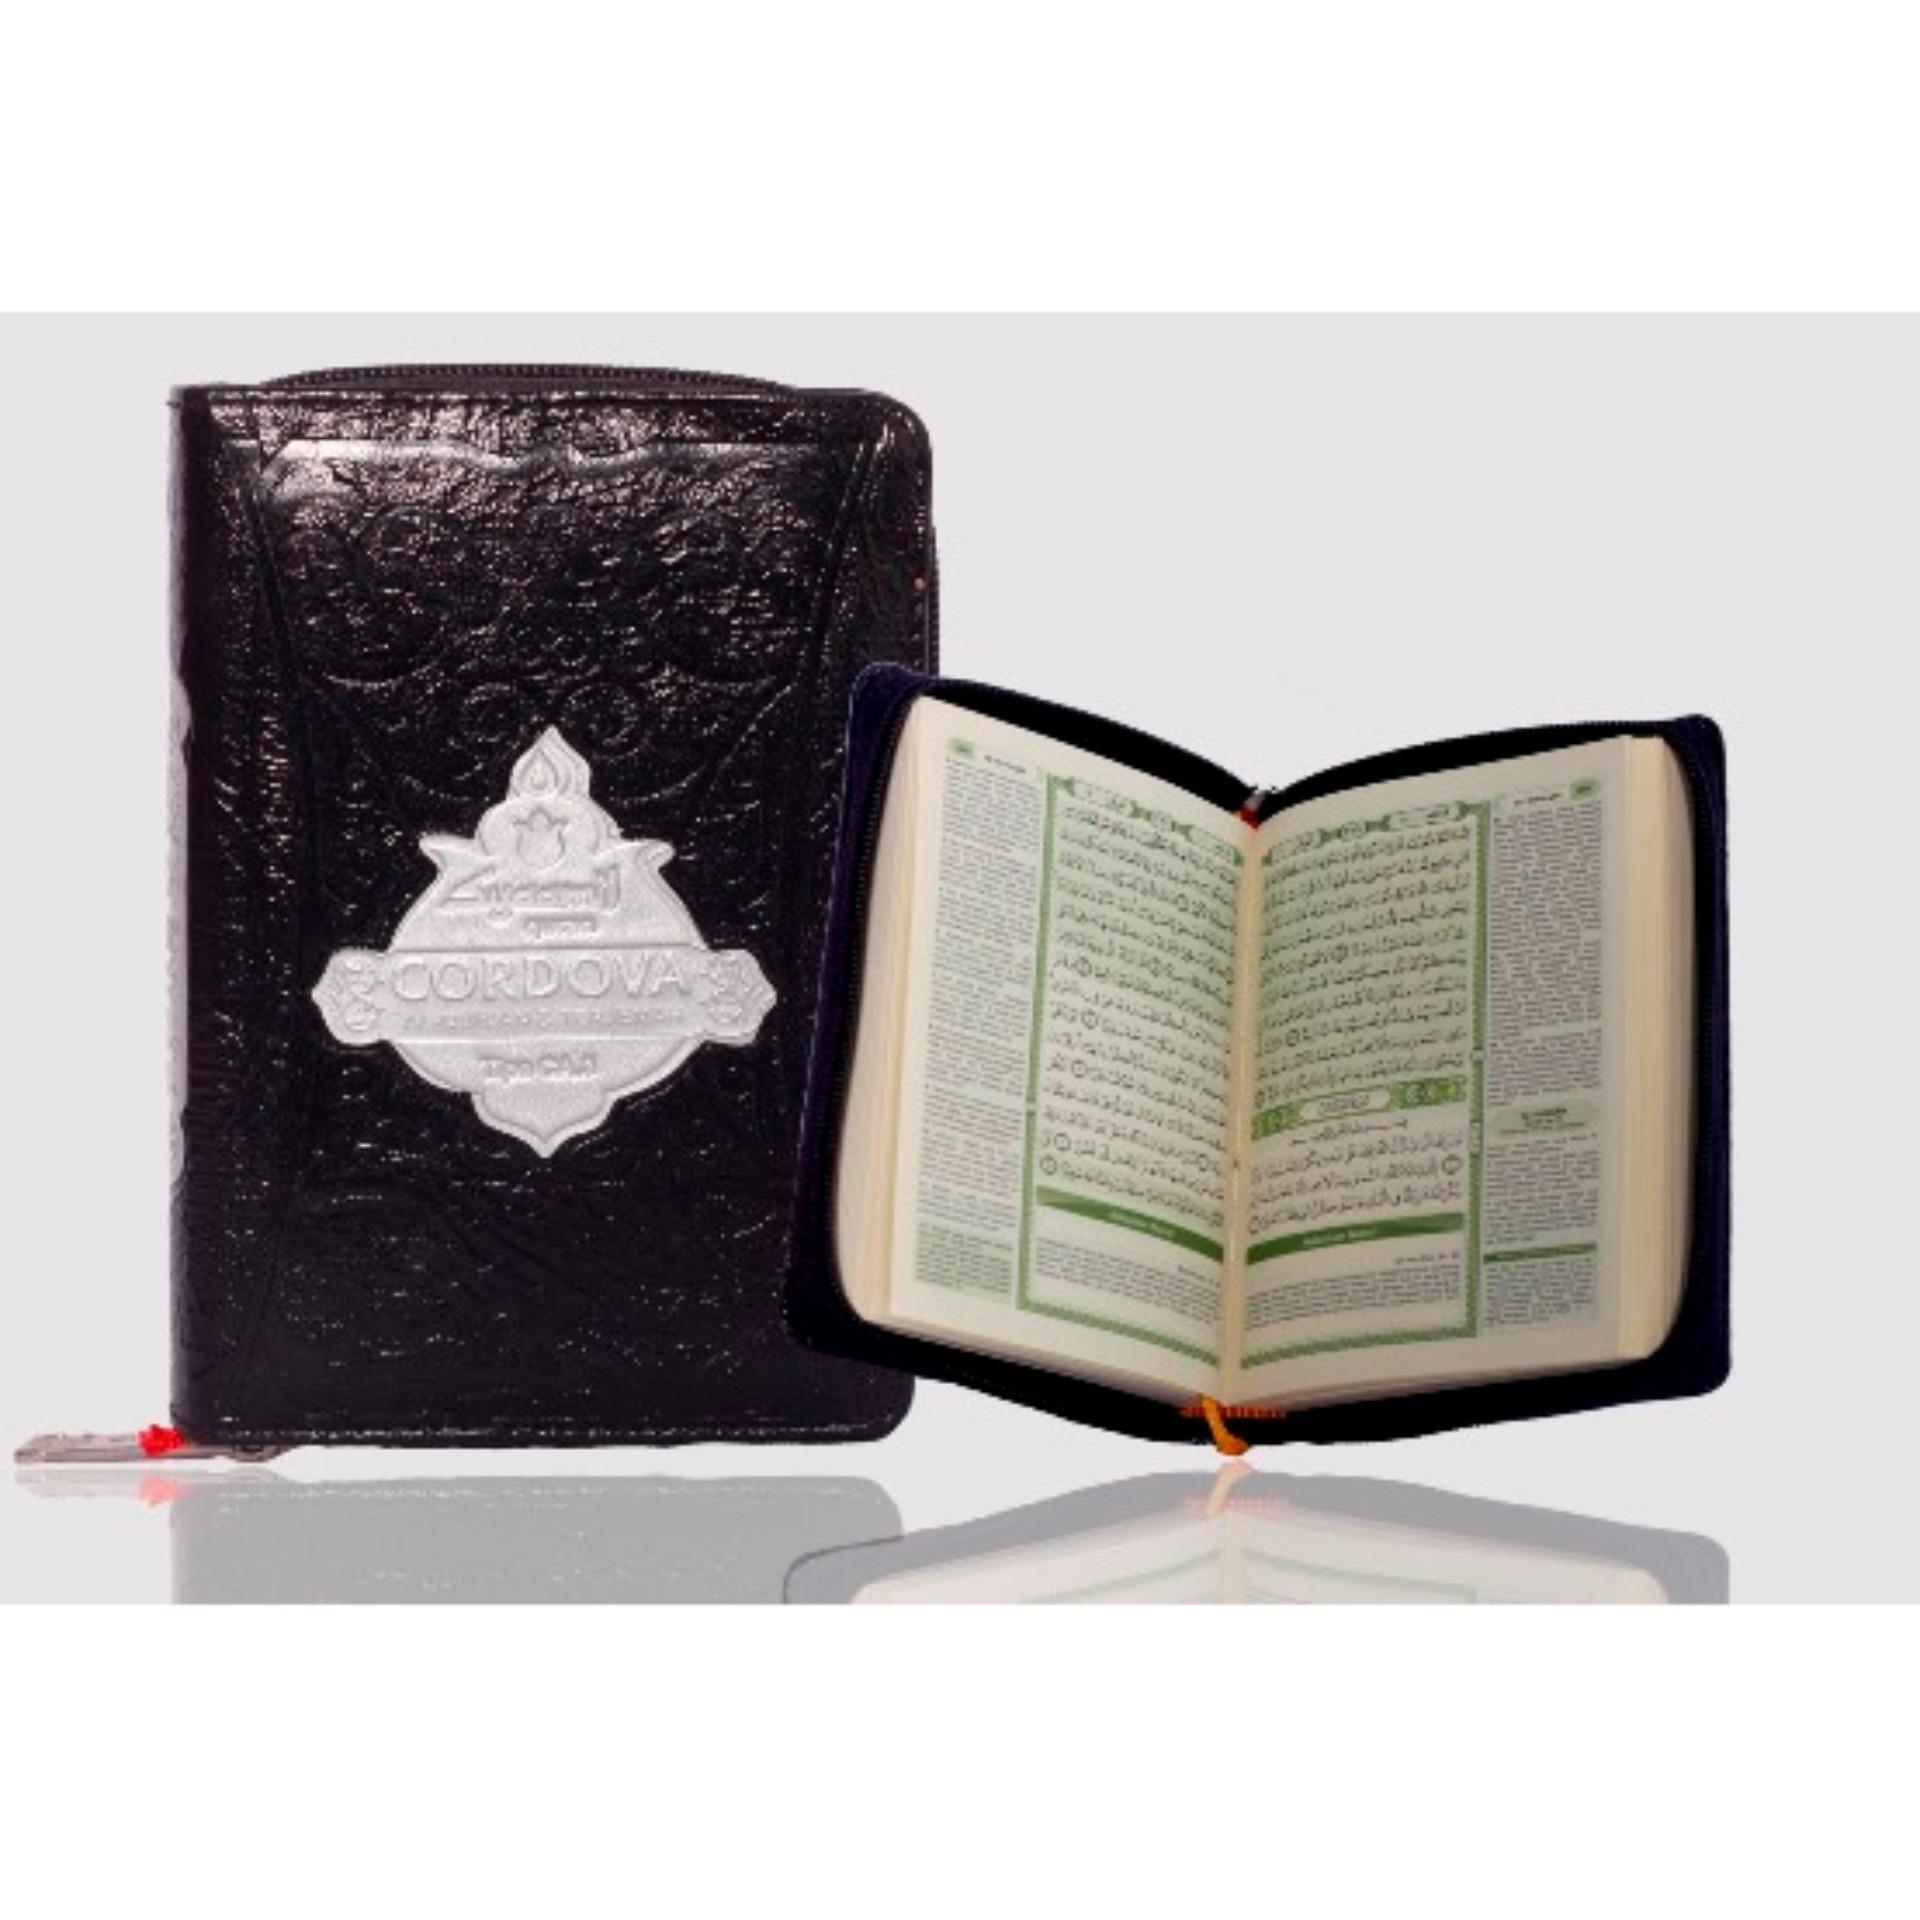 Spesifikasi Syaamil Al Quran Terjemah Syaamil Cordova Resleting A6 Syaamil Quran